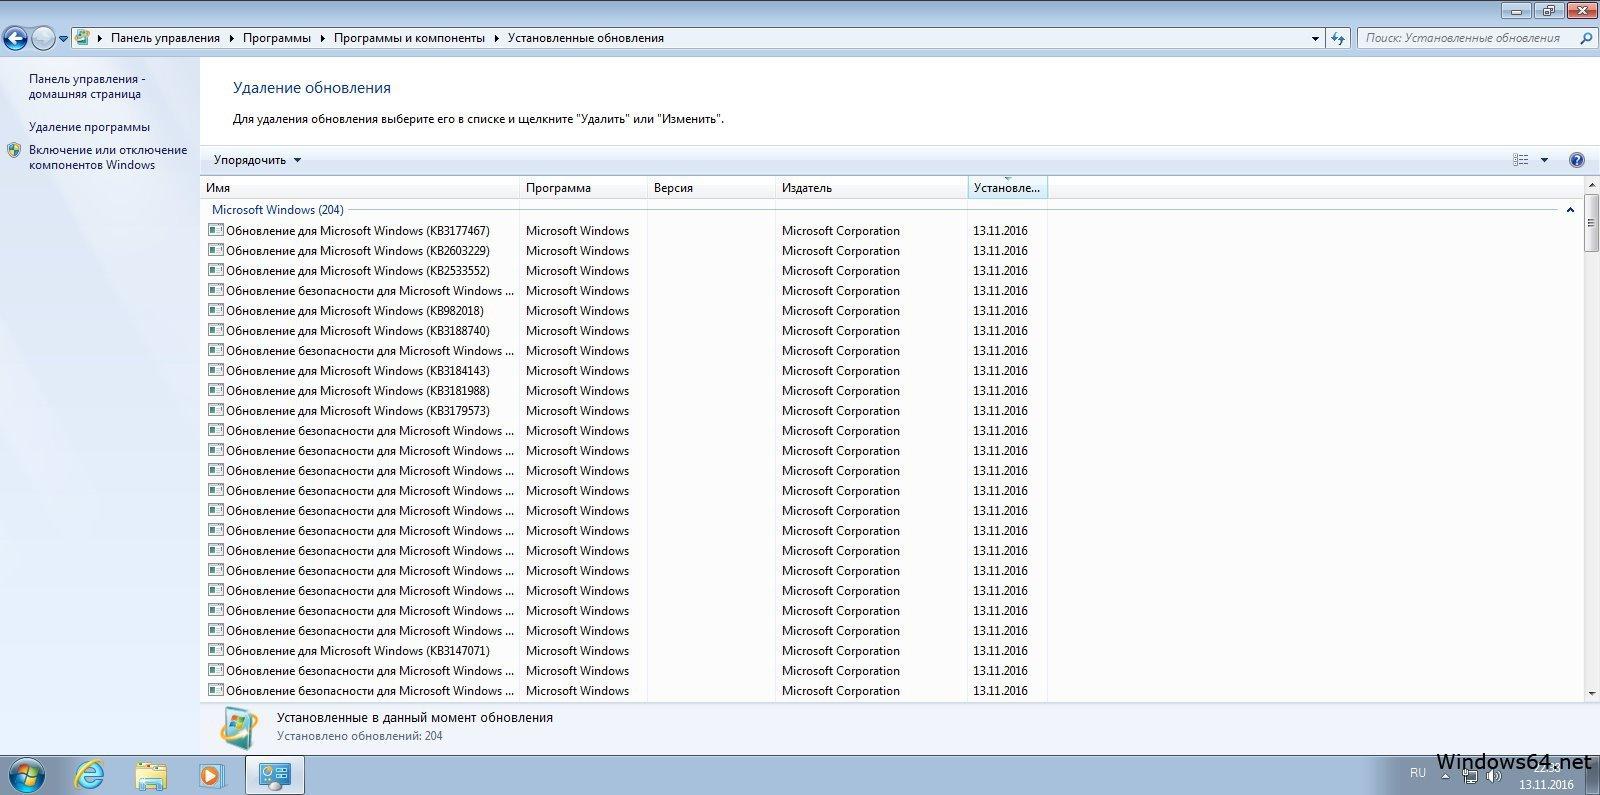 windows 7 лучшая сборка торрент 2014